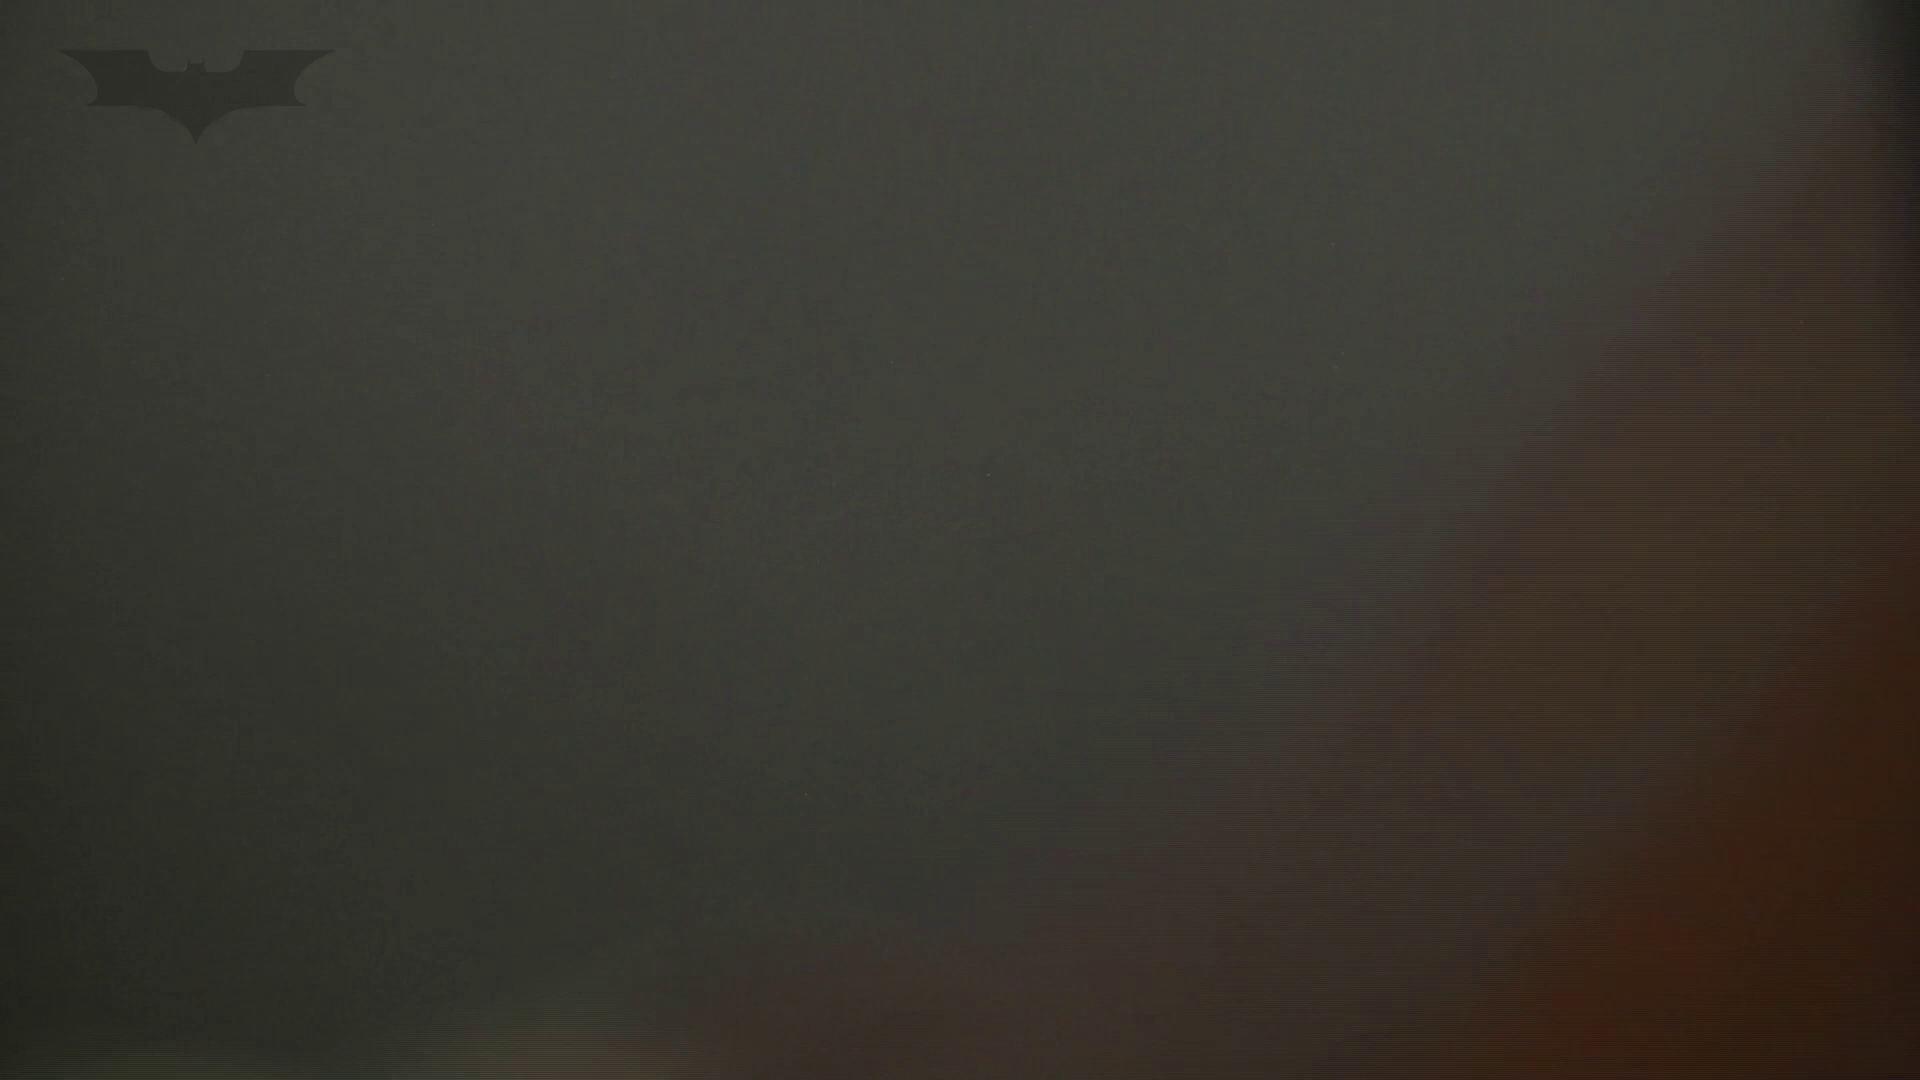 潜入!!台湾名門女学院 Vol.04 二ケツ同時撮り!! 盗撮で悶絶 ヌード画像 108画像 61